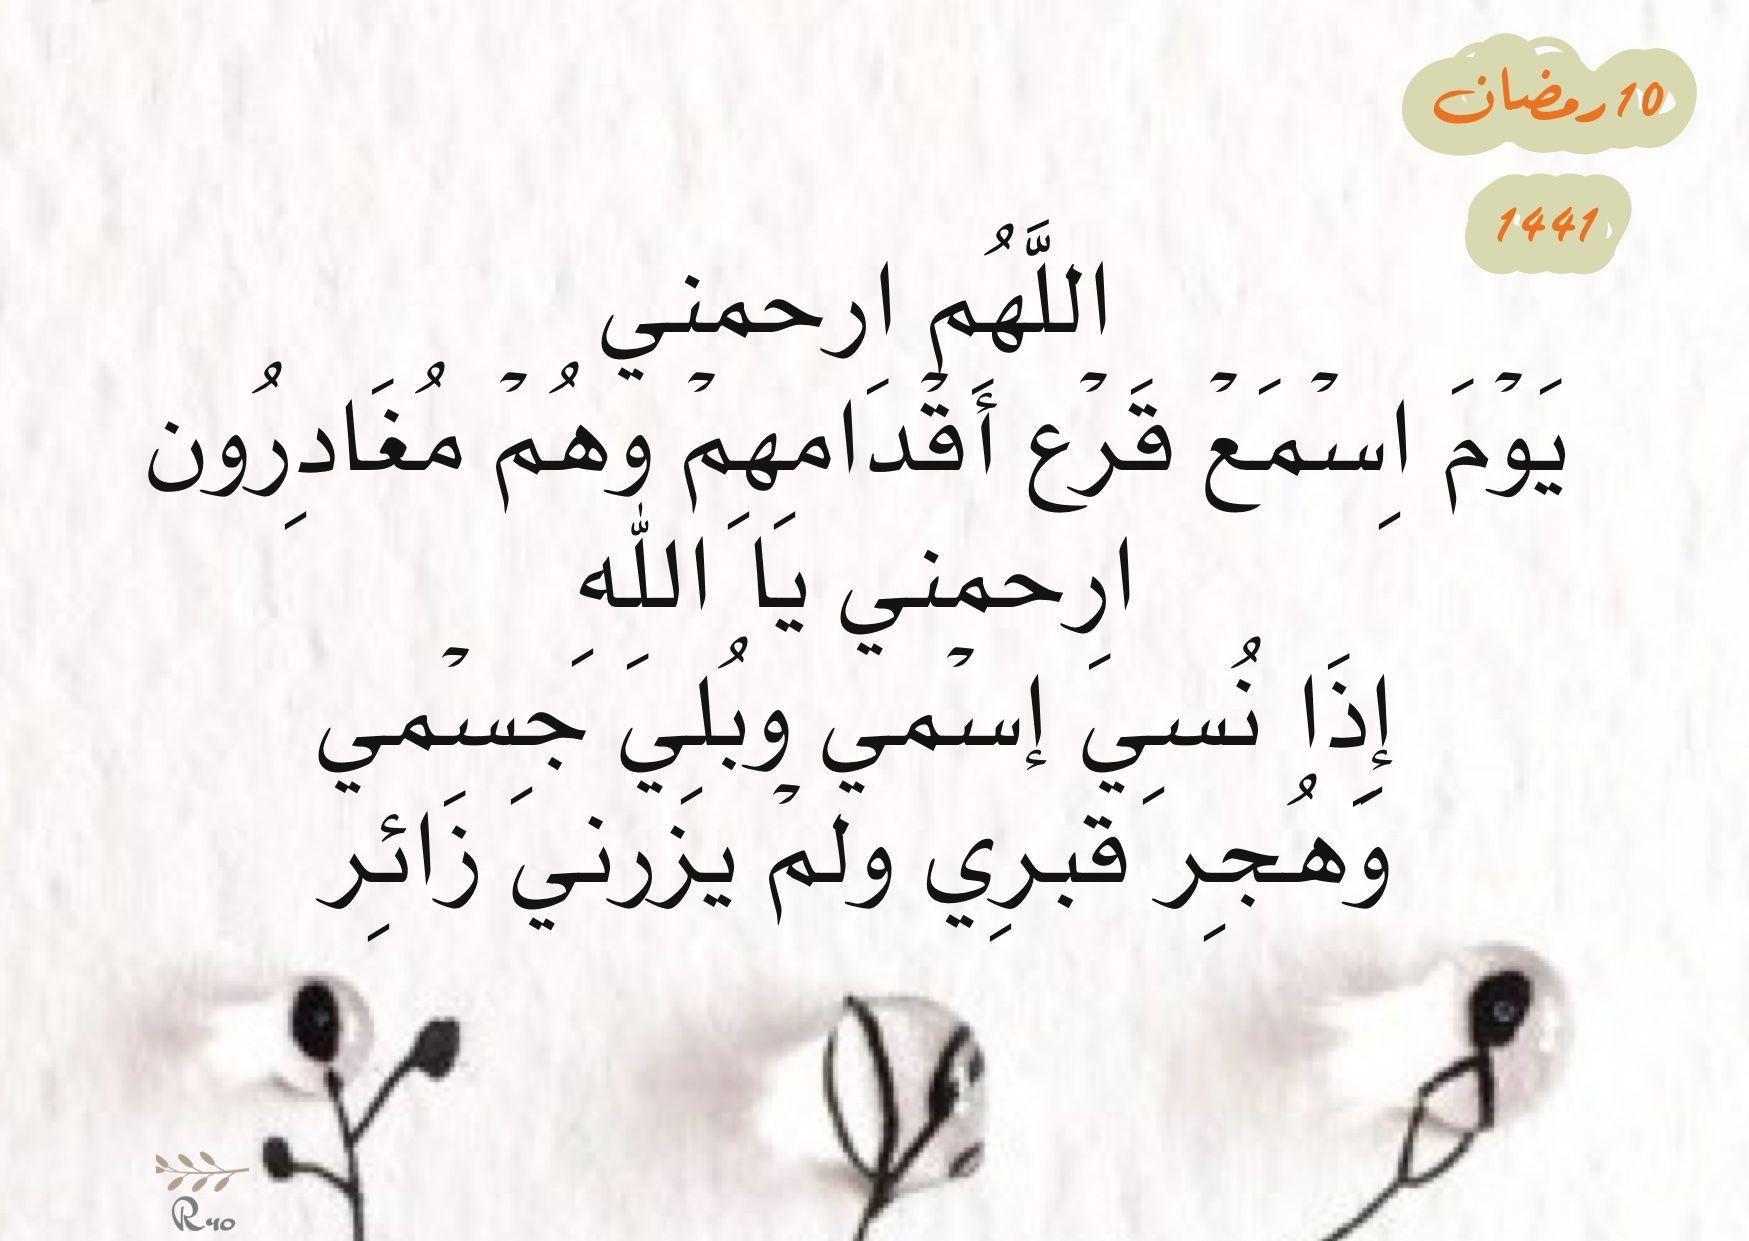 دعاء لامي المتوفيه في رمضان